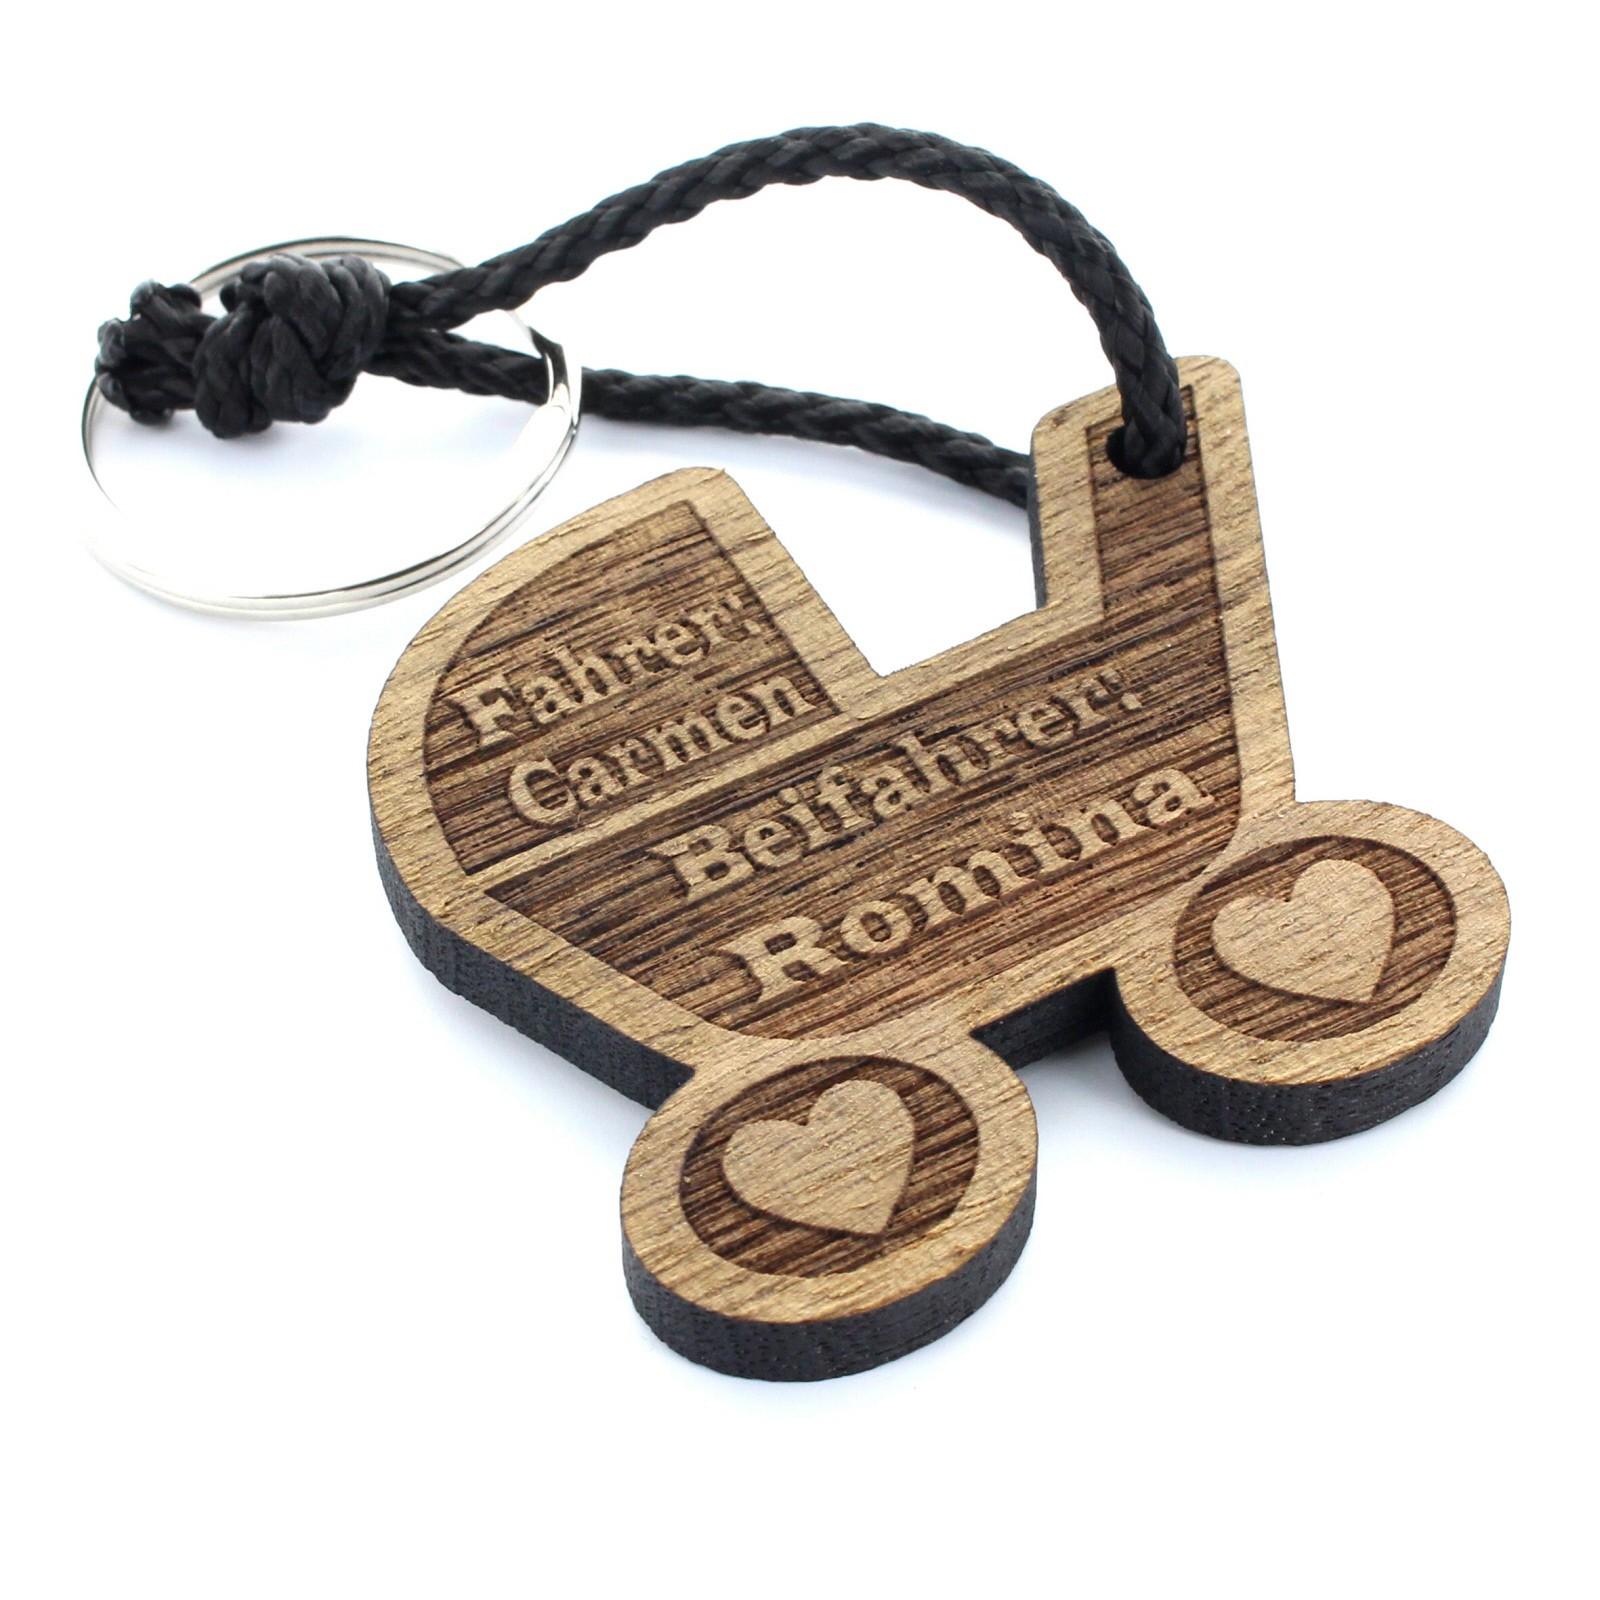 Gravur Schlüsselanhänger aus Holz - Modell: Kinderwagen